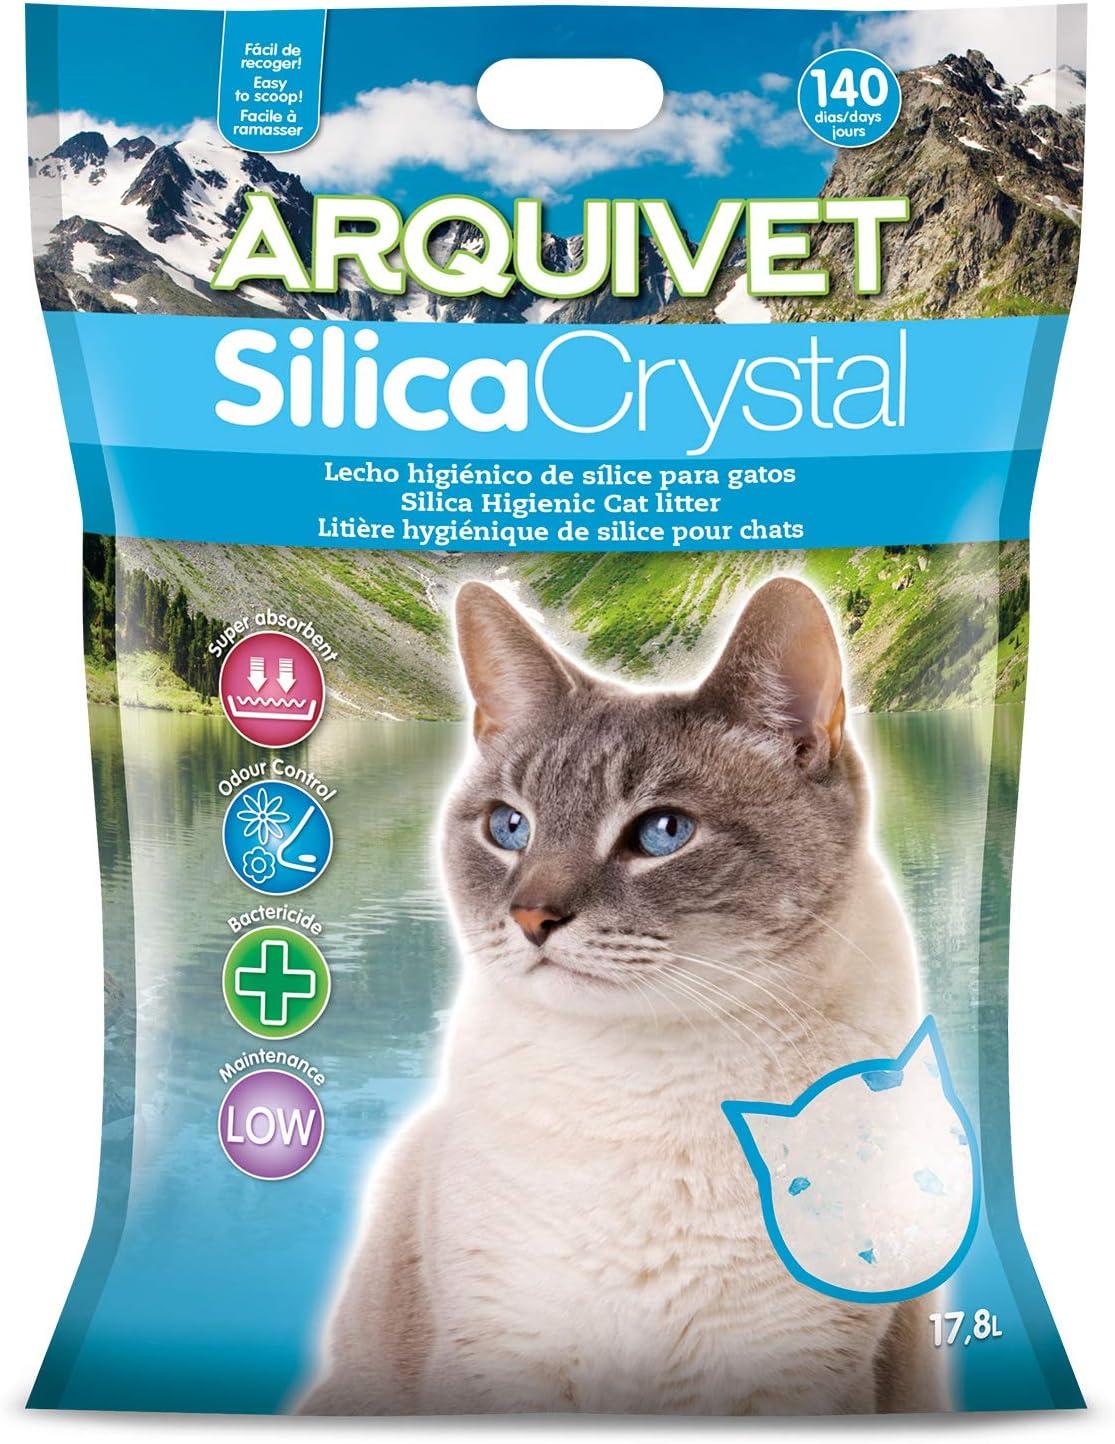 Arquivet arena gato Silica Crystal 17,8 L